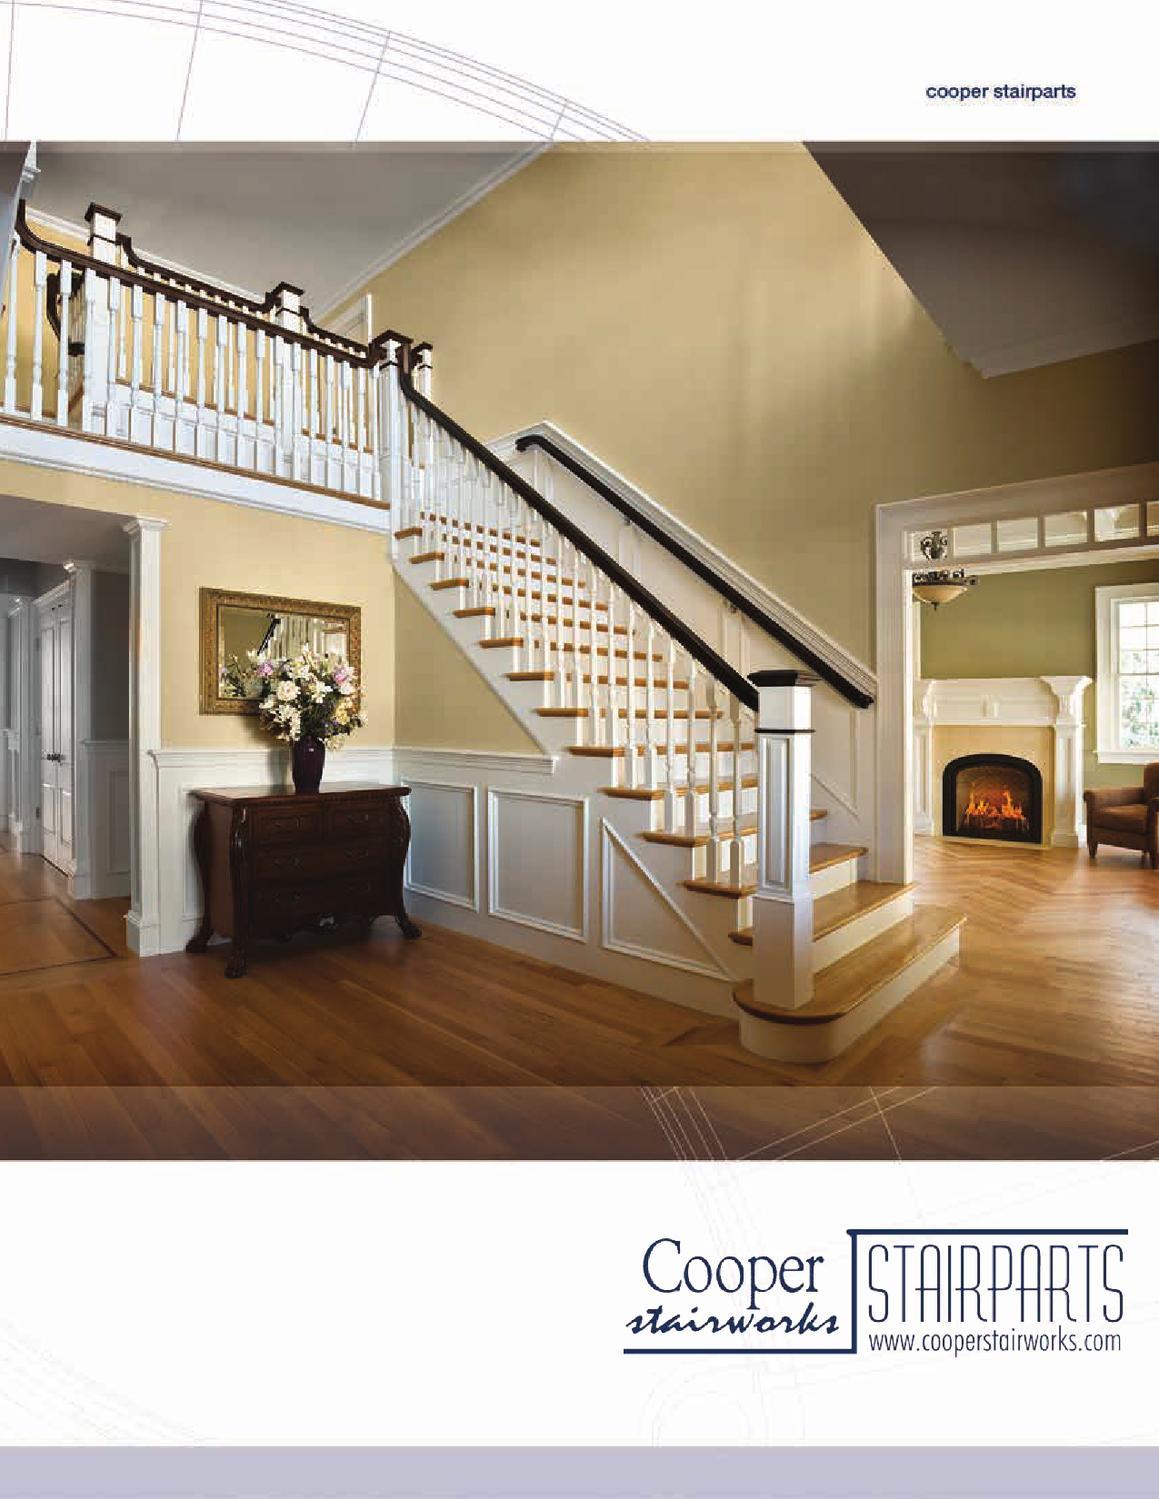 Stair parts horner millwork tattoo design bild for Millwork definition